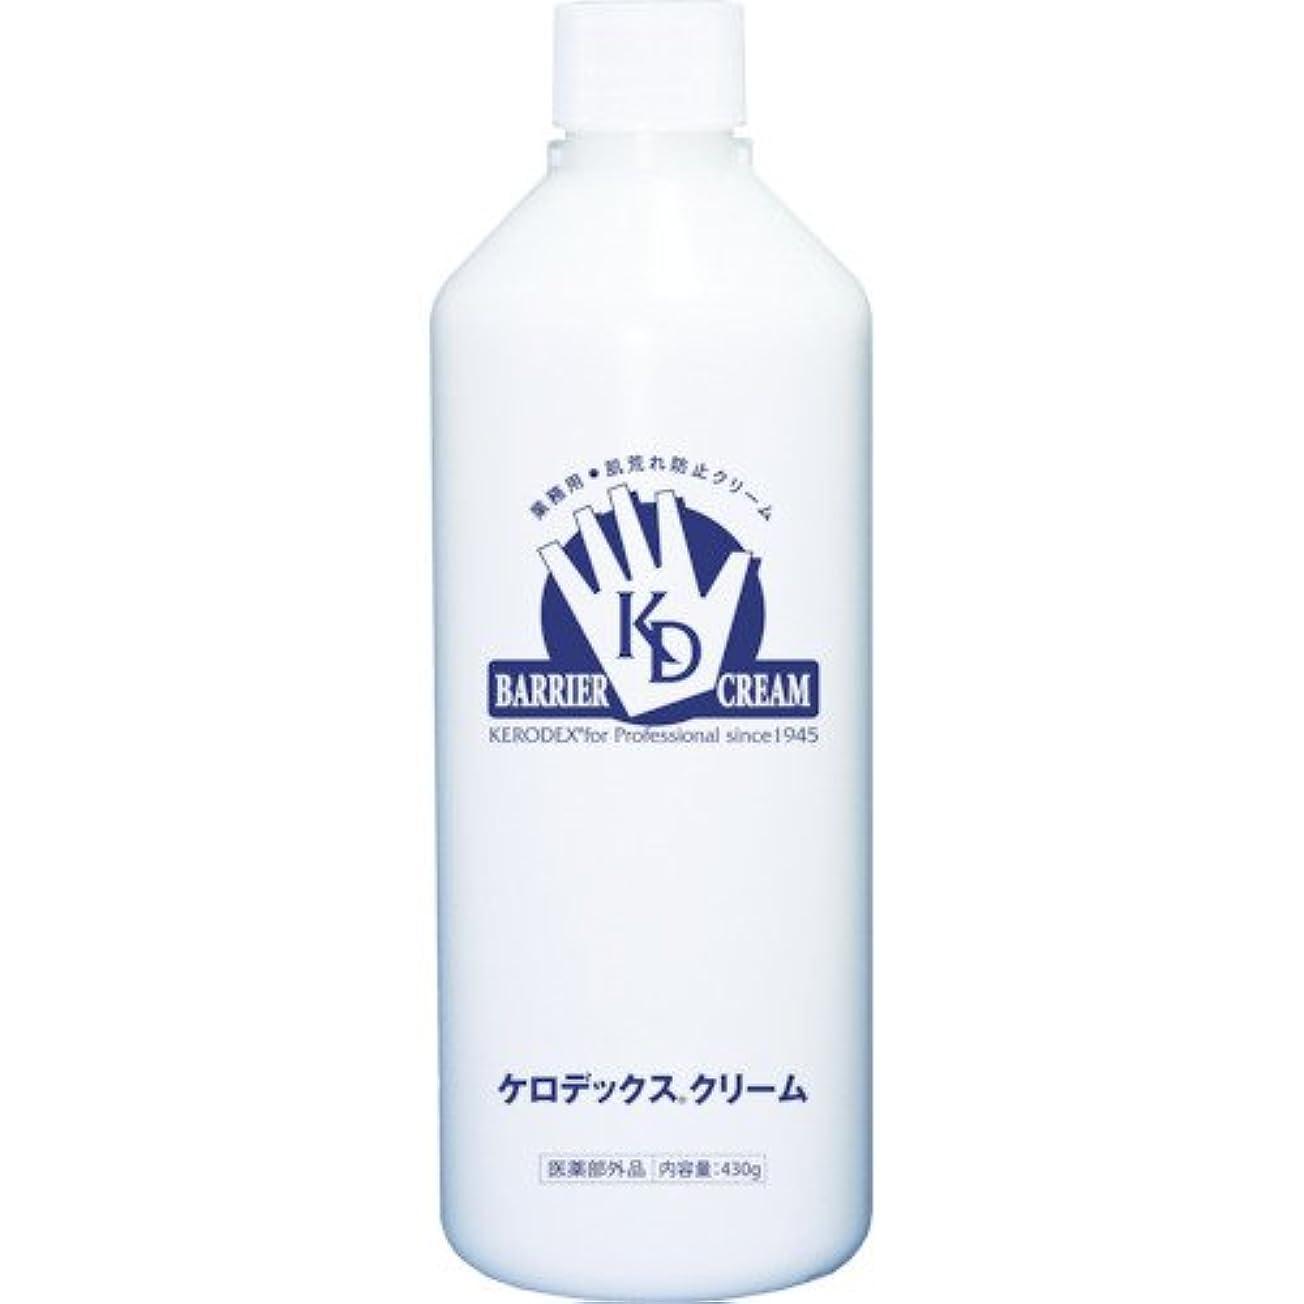 科学的達成するドロップケロデックスクリーム ボトルタイプ 詰替用 430g